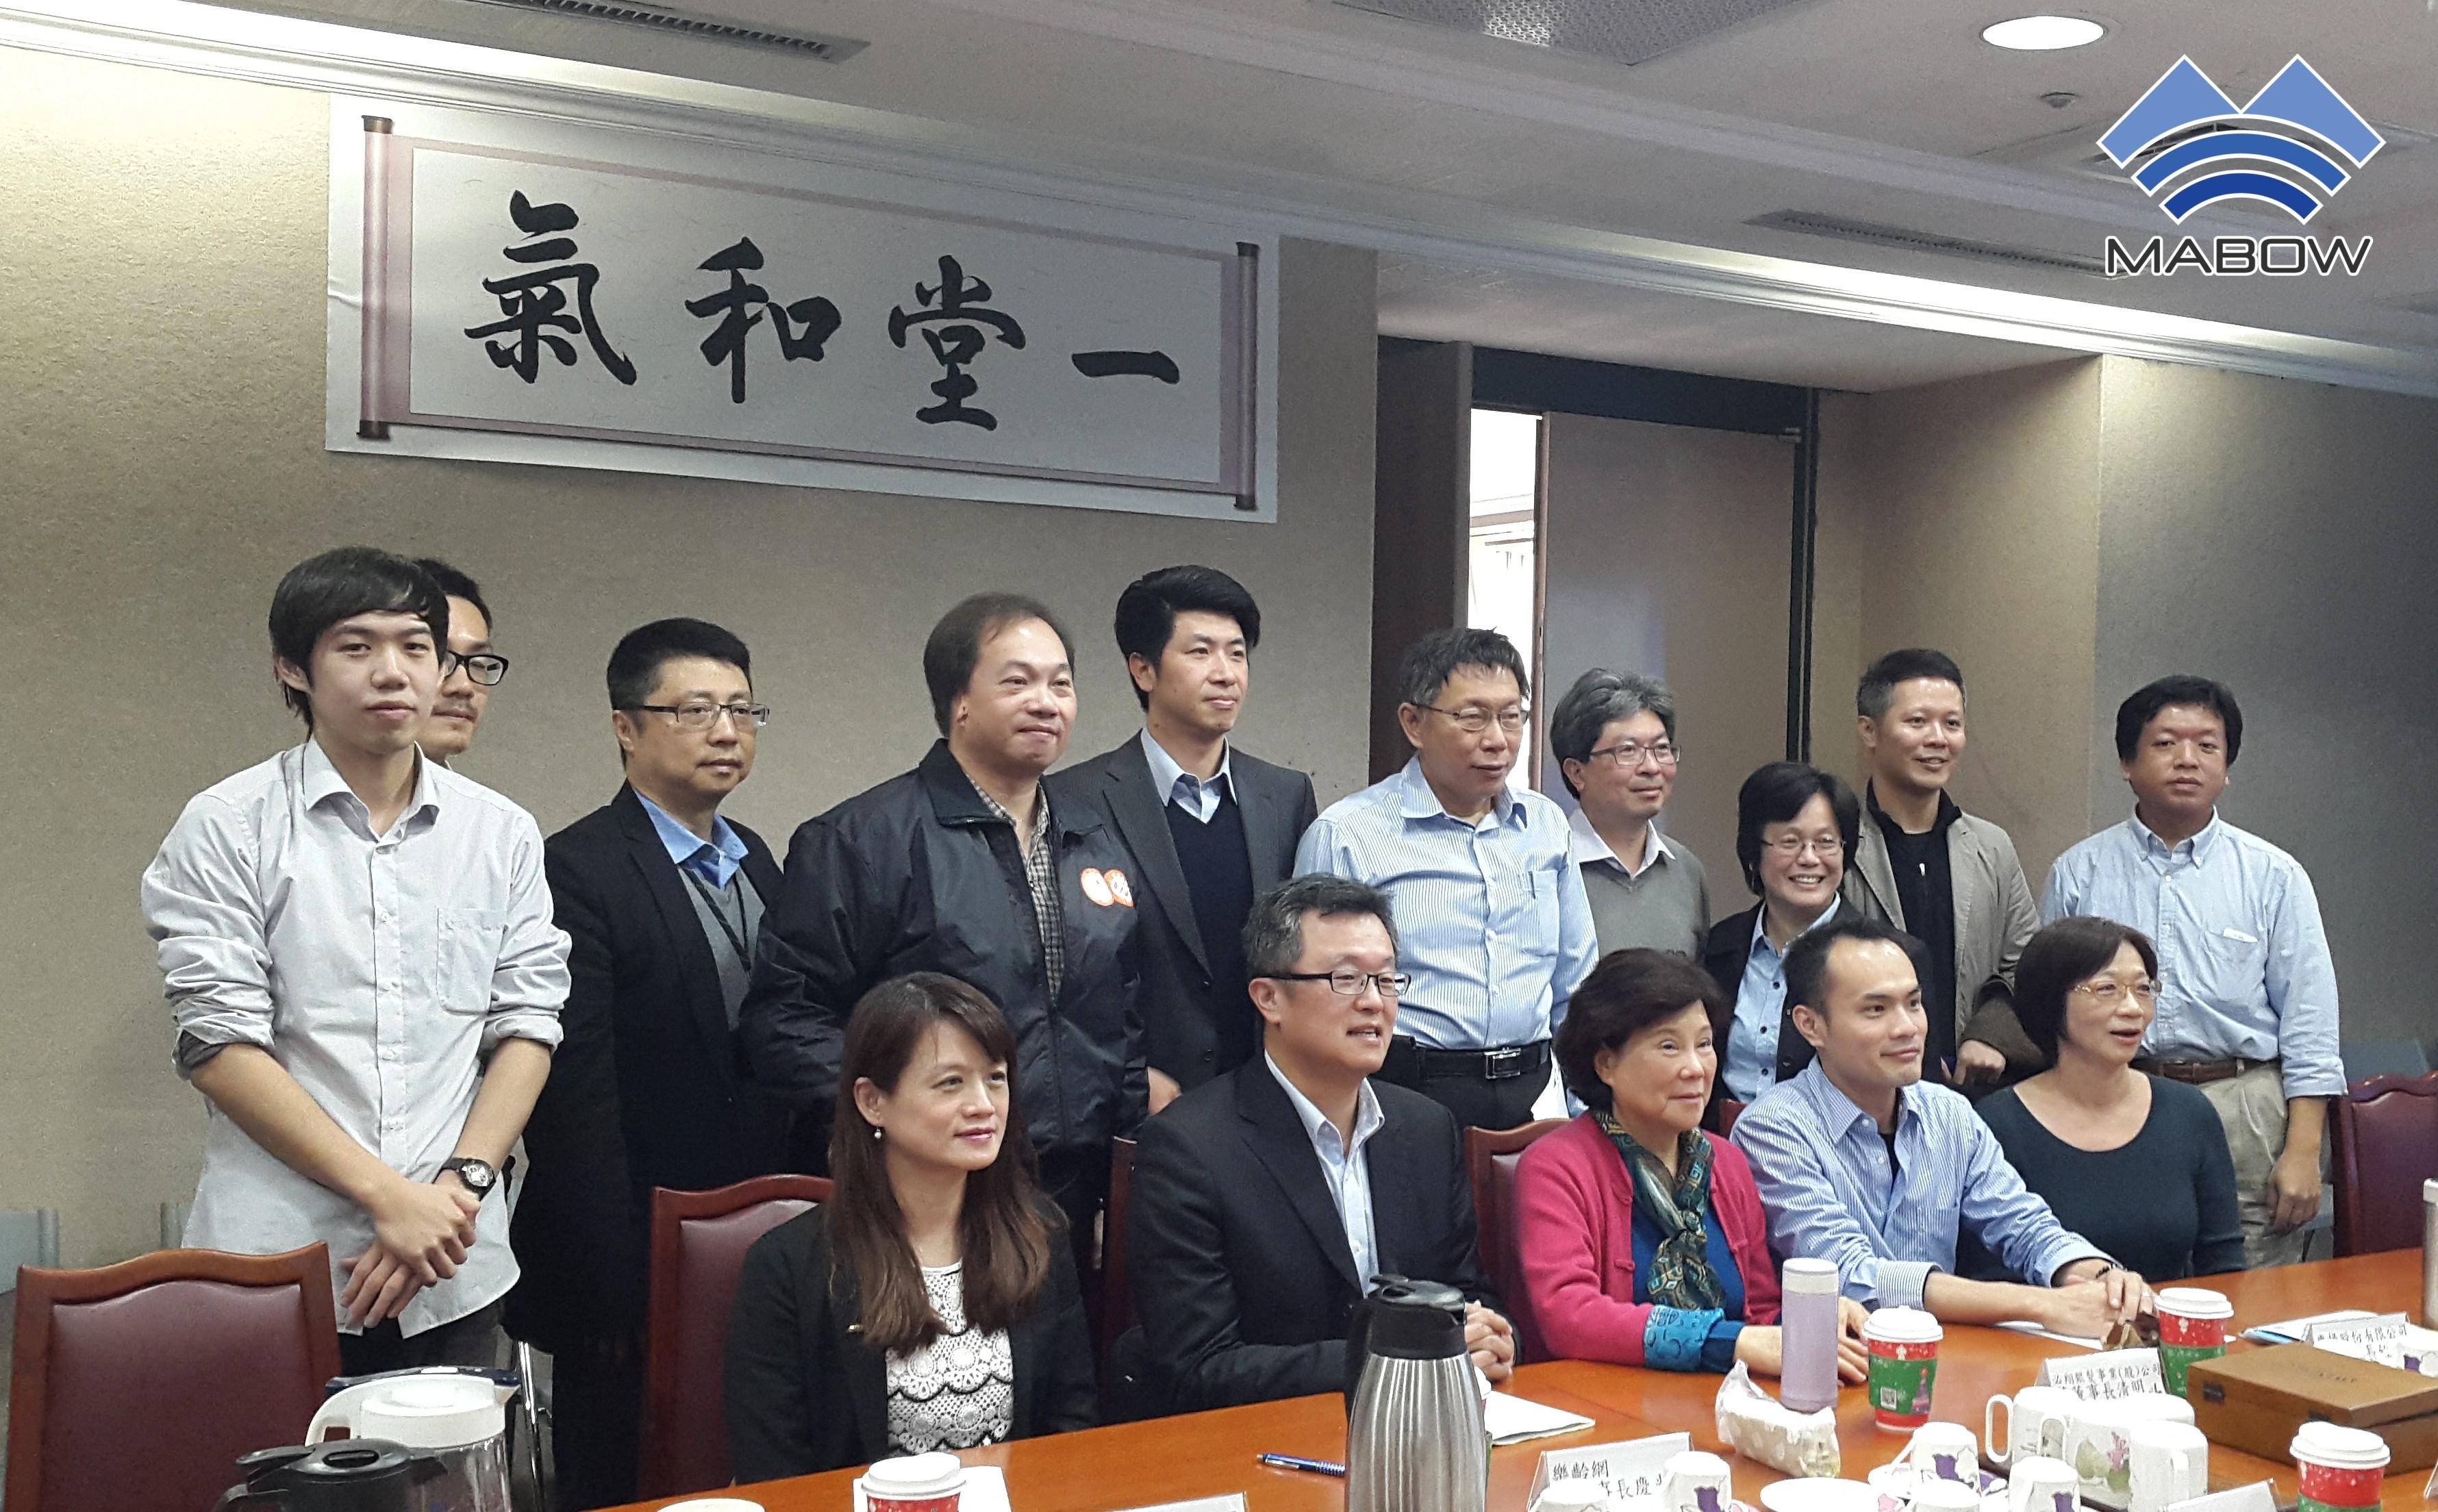 石頭湯計畫-台北市府銀髮產業會議(照片來源:瑪帛科技)